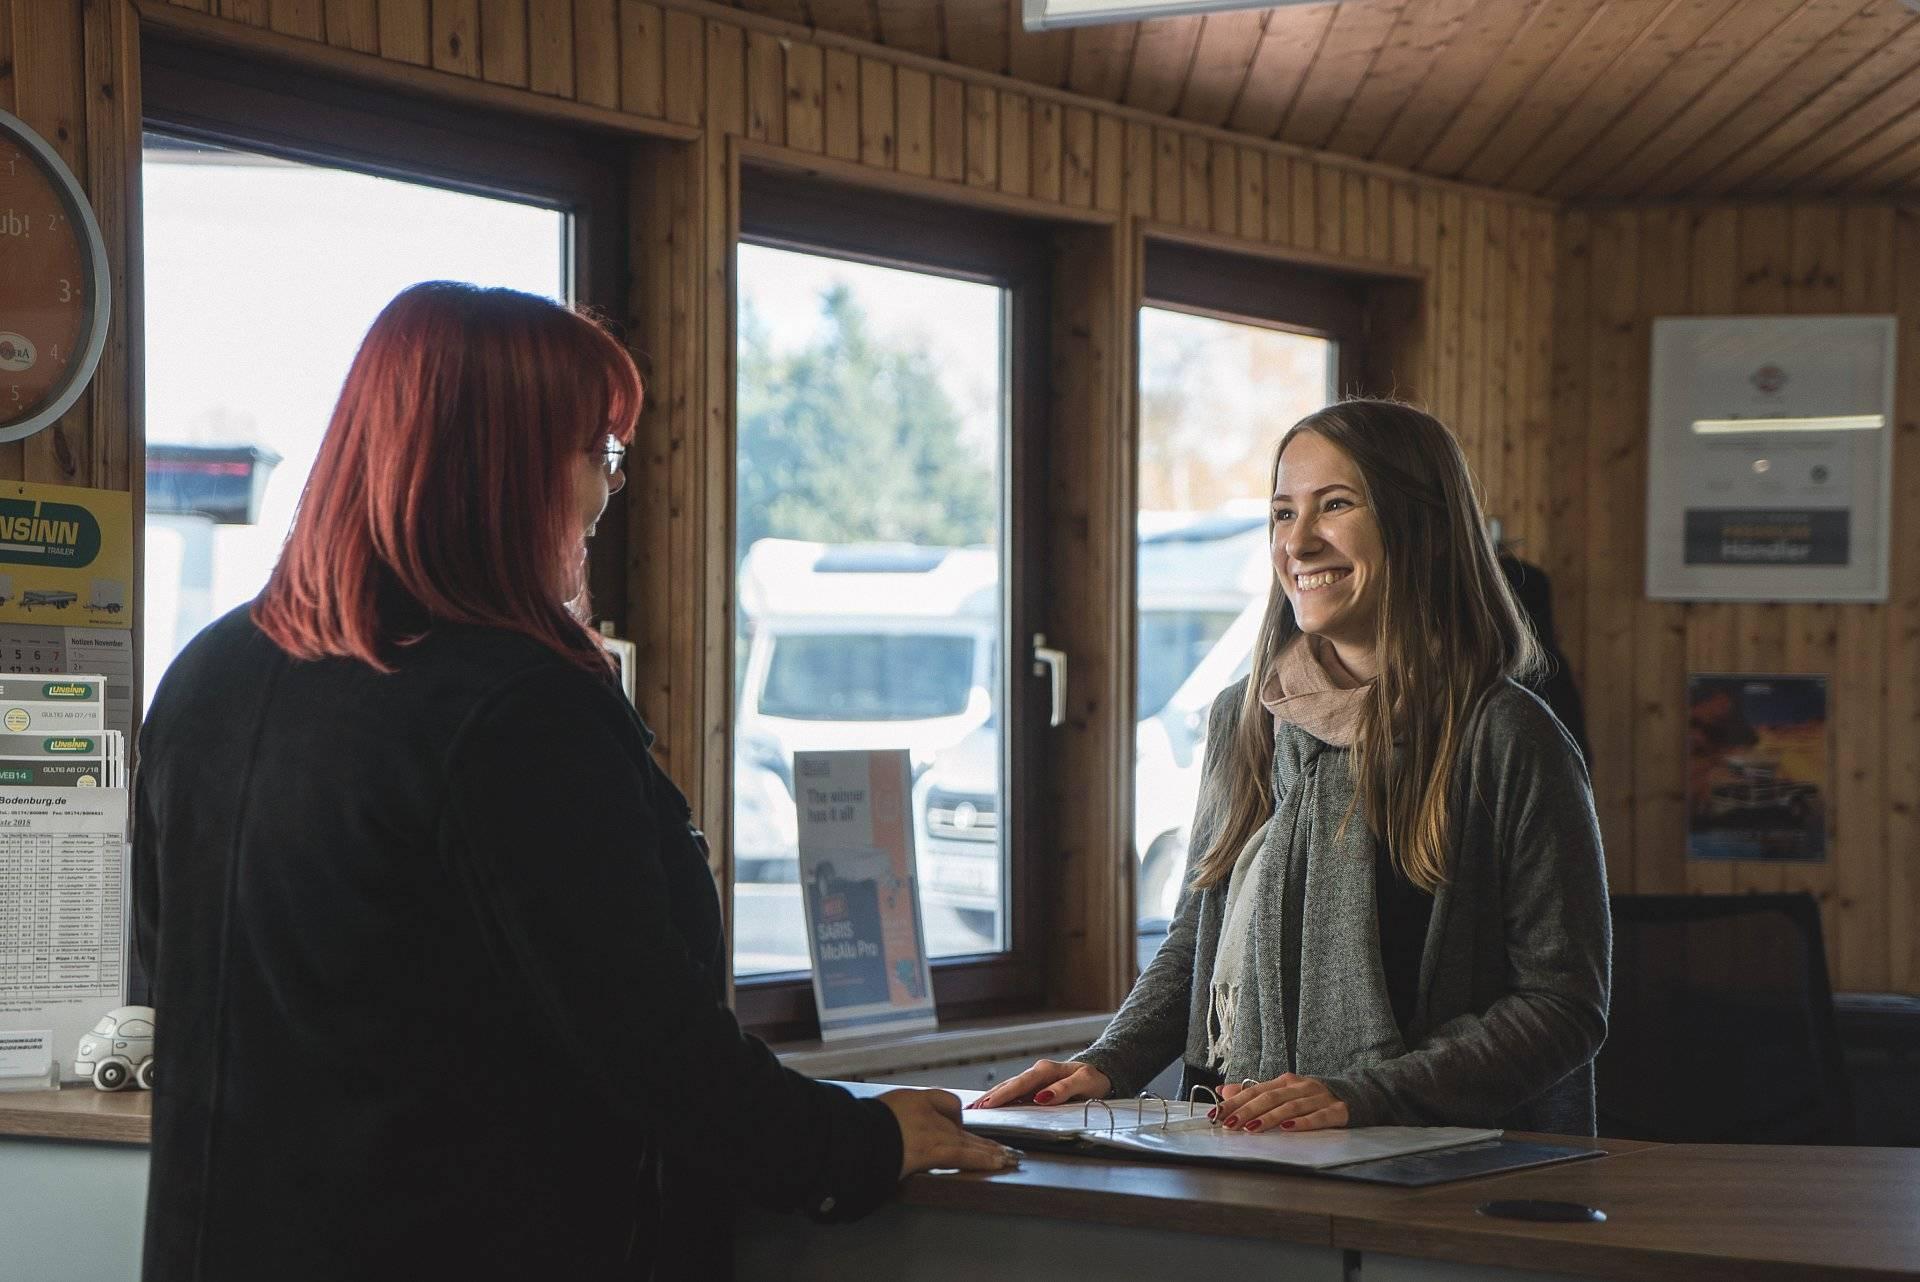 Kundengespräch im Eingang bei Wohnwagen Bodenburg.